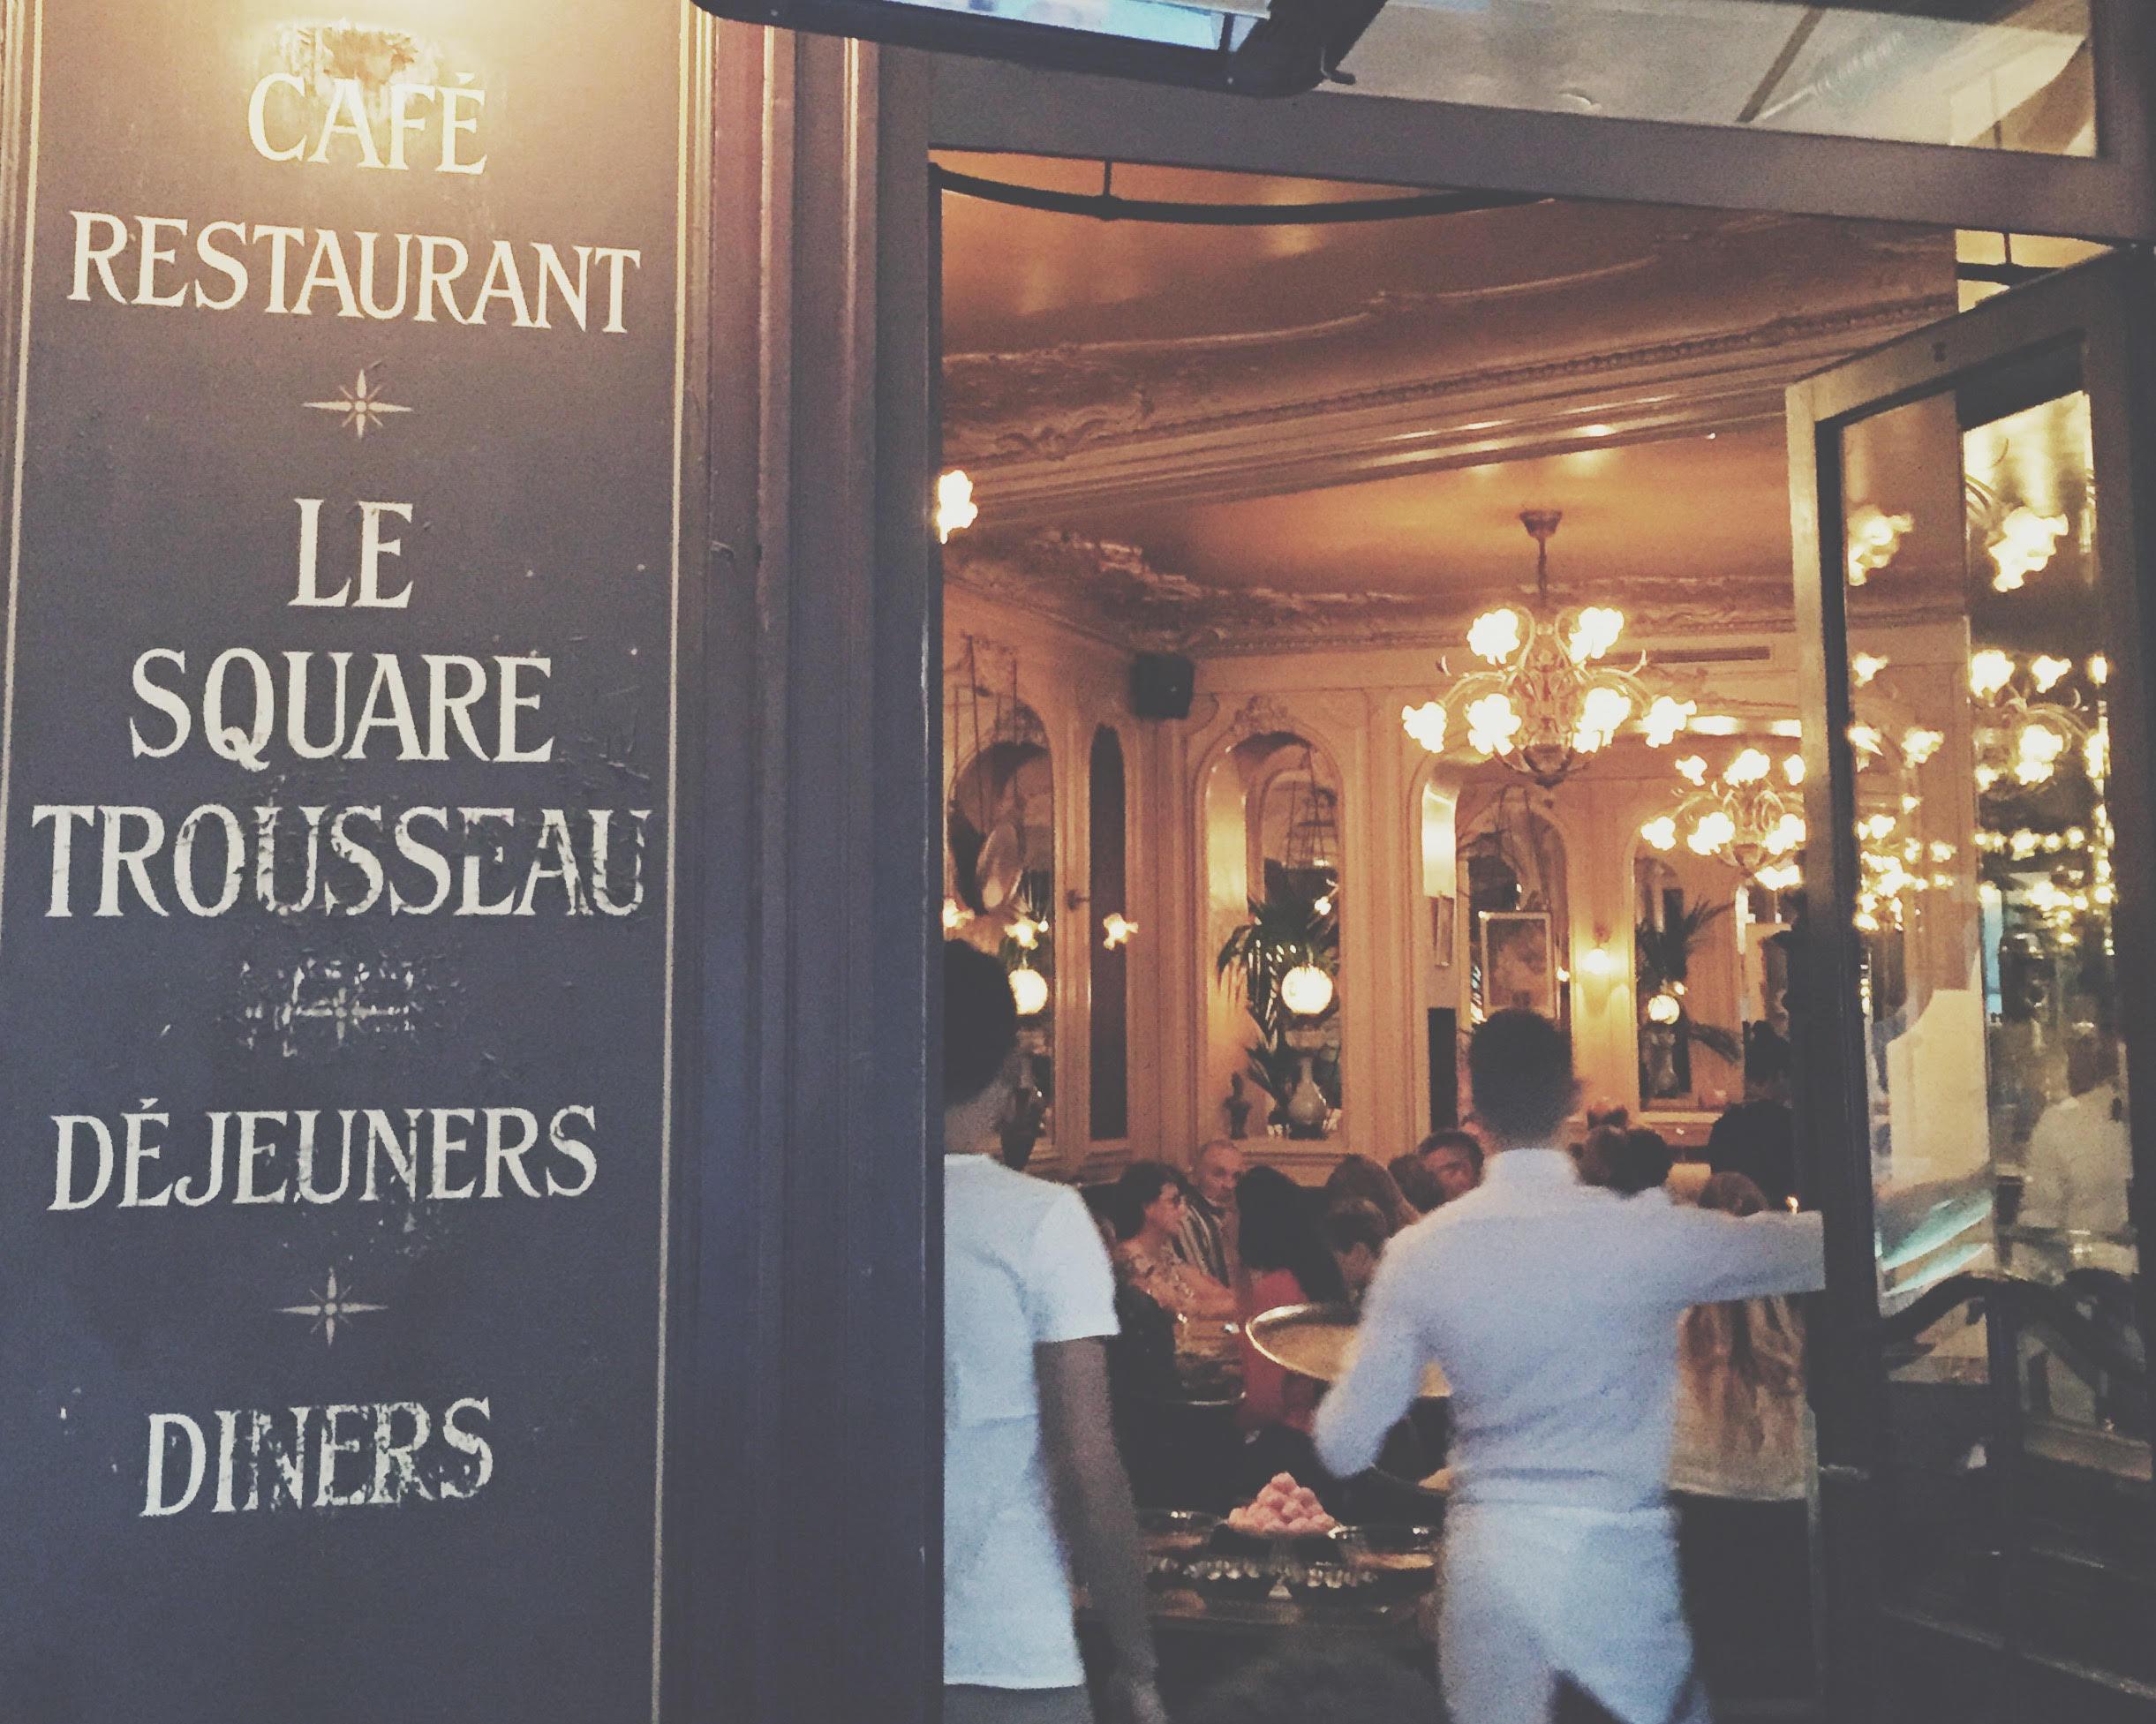 Le Square Trousseau